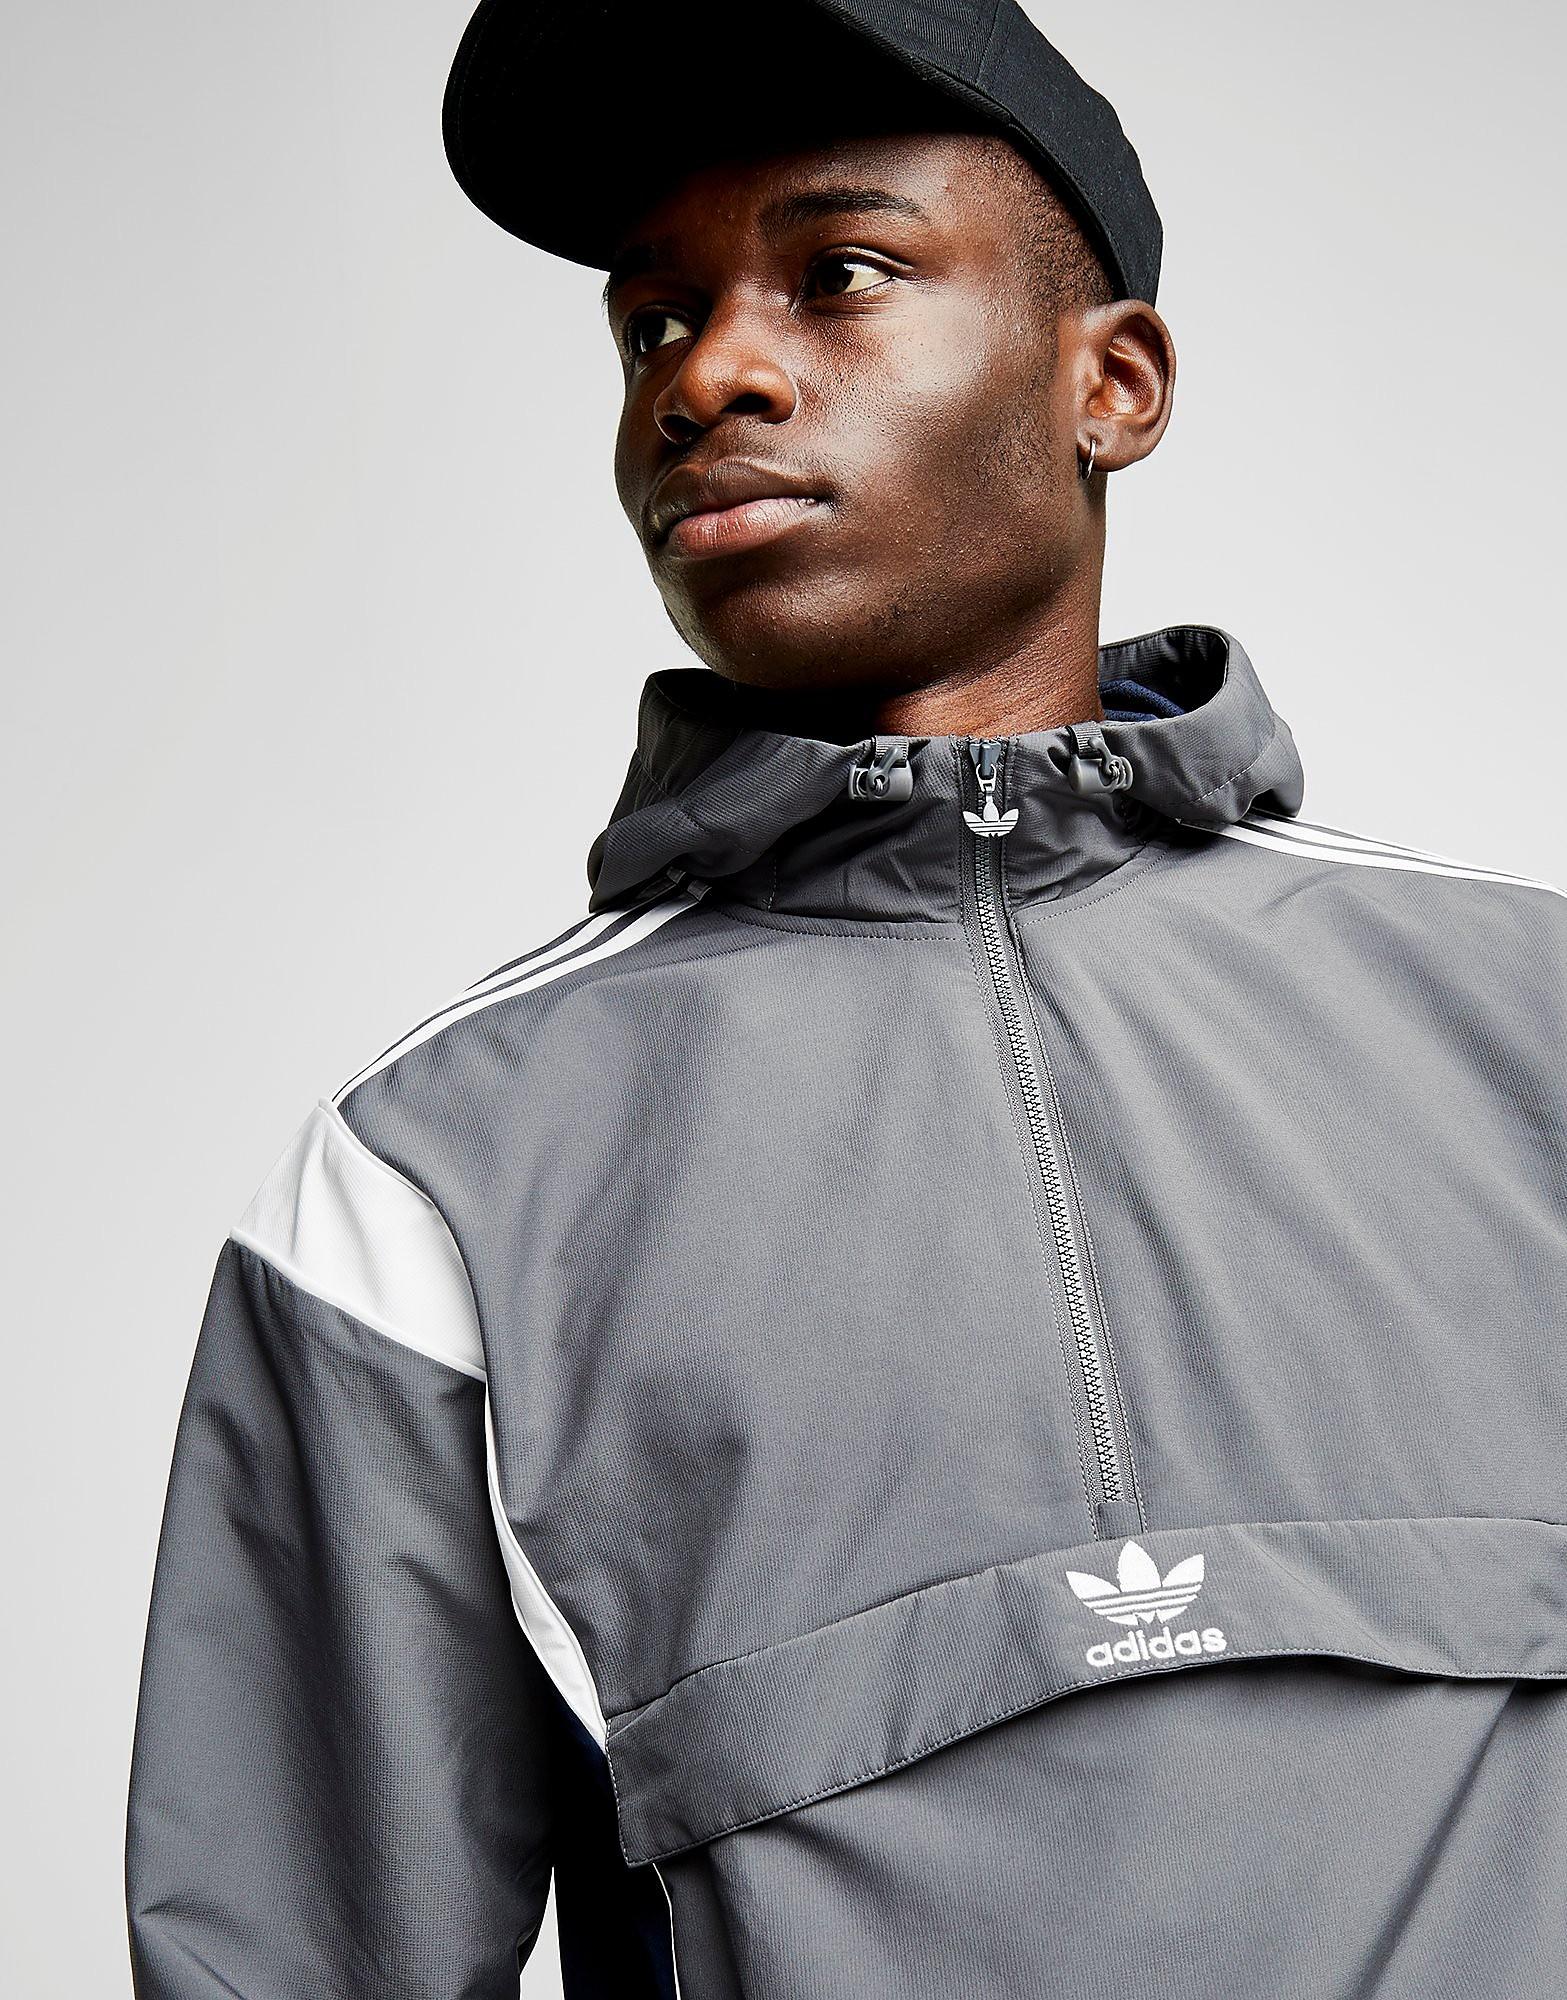 adidas Originals Challenger 1/2 Zip Jacket